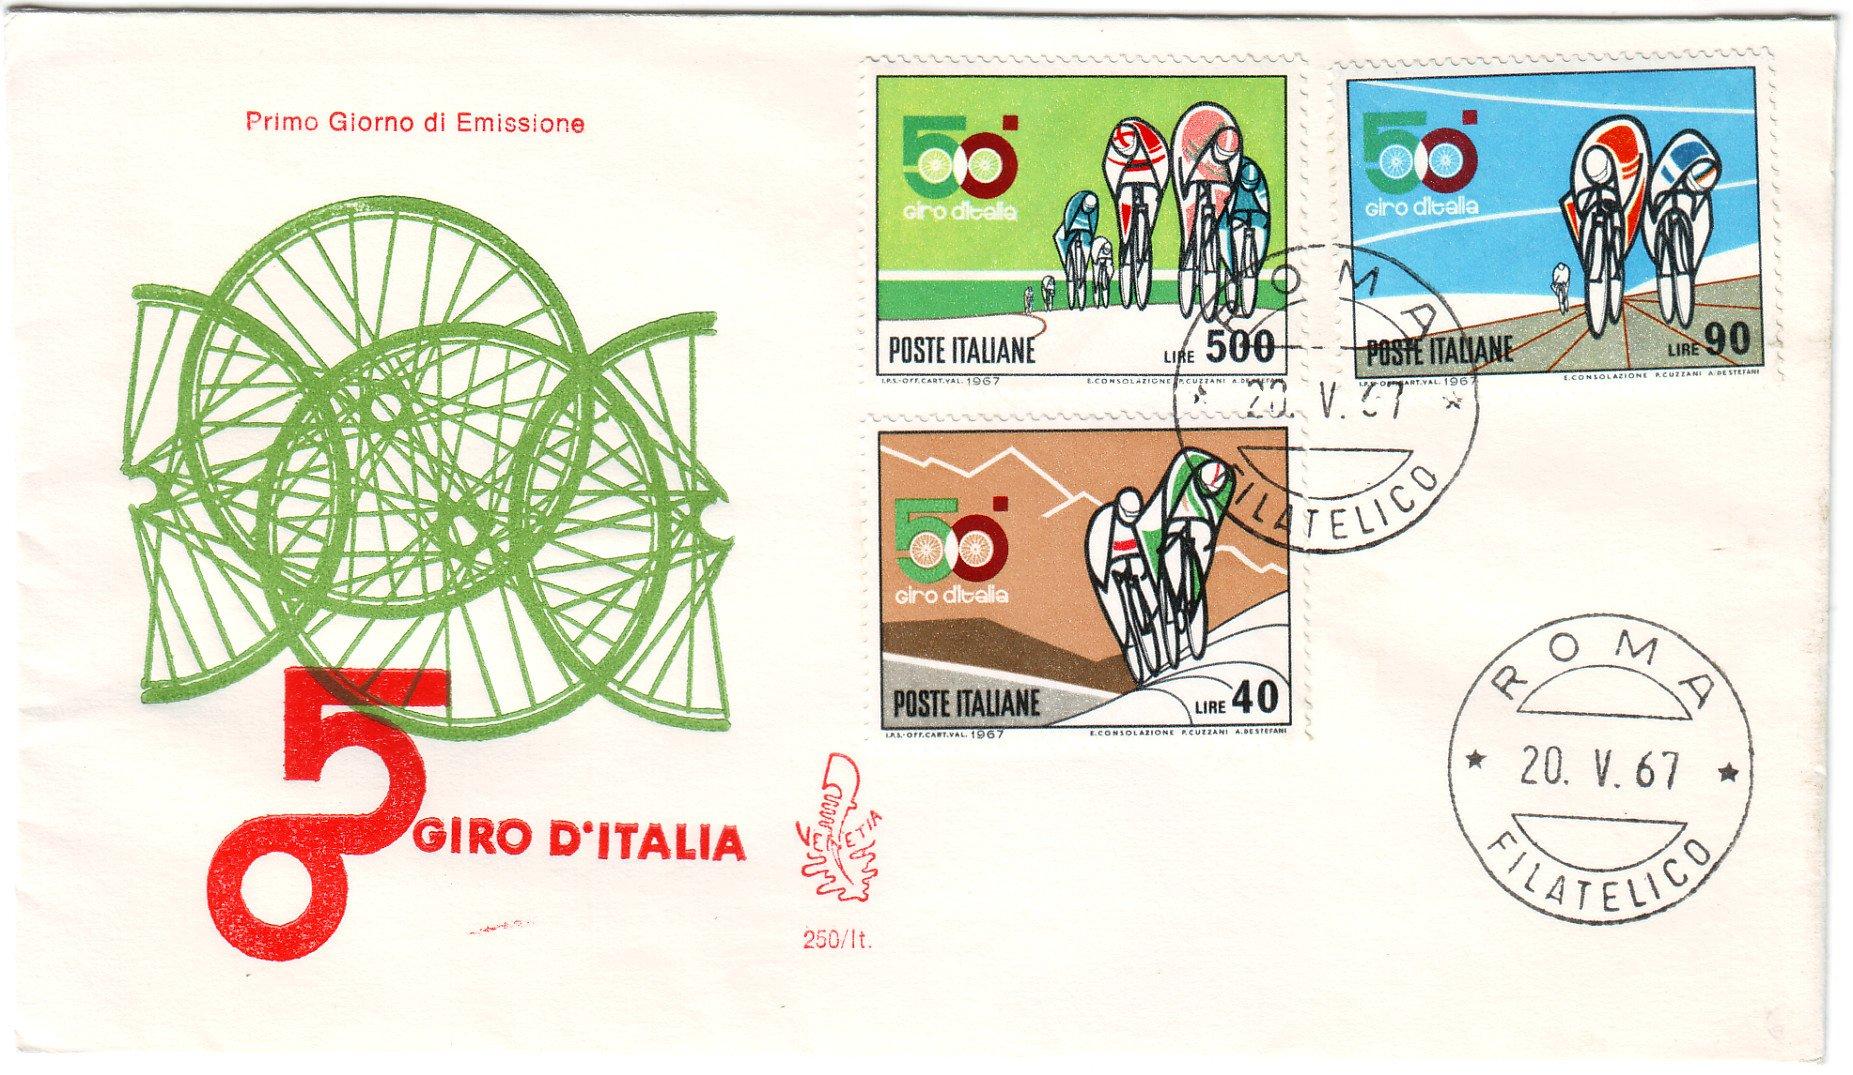 Italian - 50th Giro d'Italia -1967- FDC